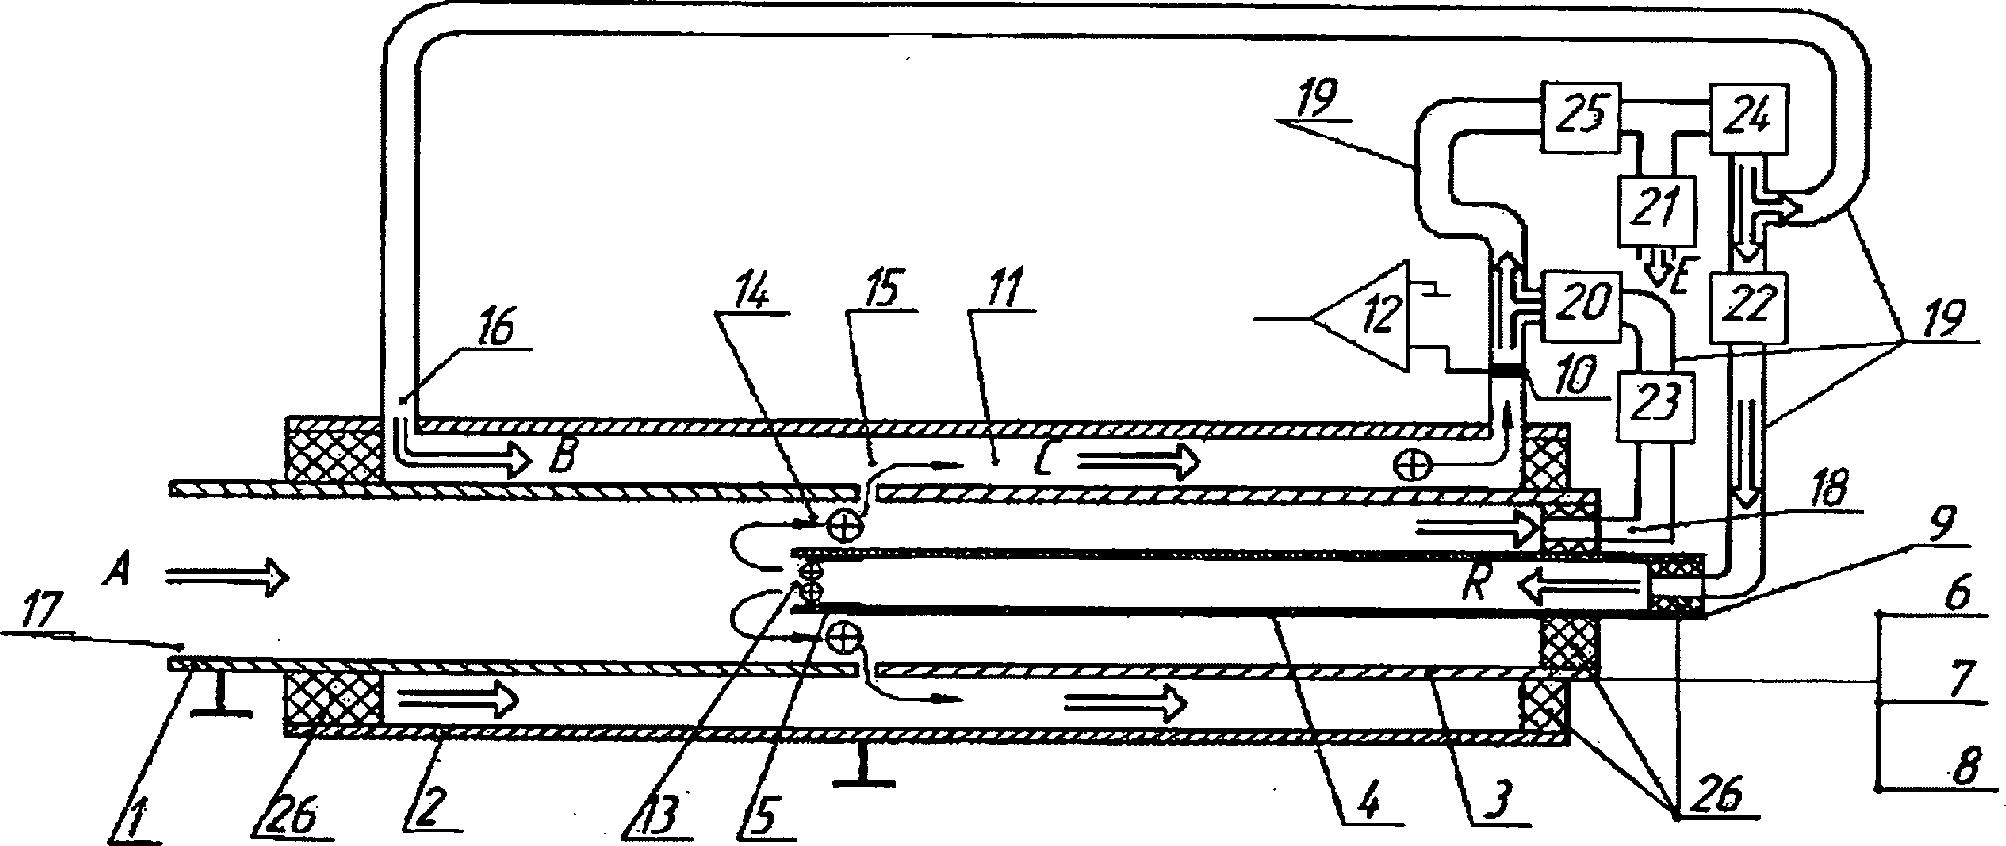 Figure DE112013000365B4_0001